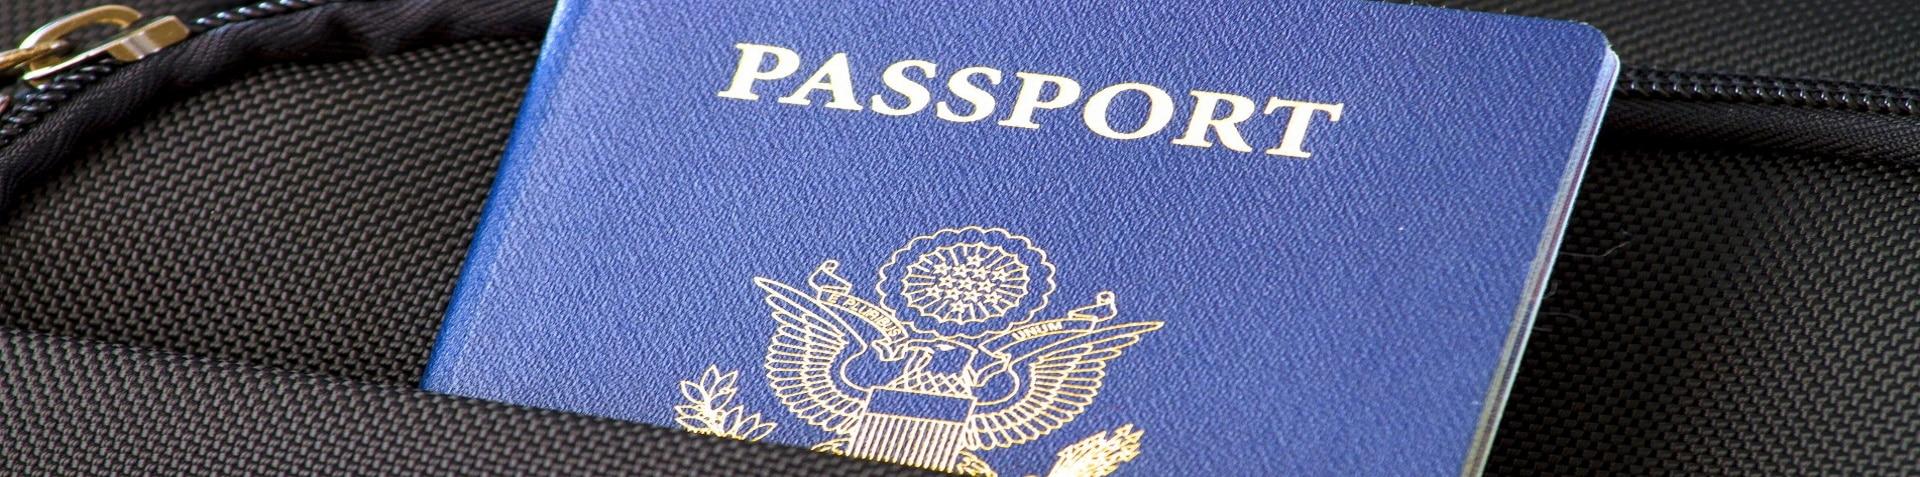 Rechtsanwalt Duldung blue Passport